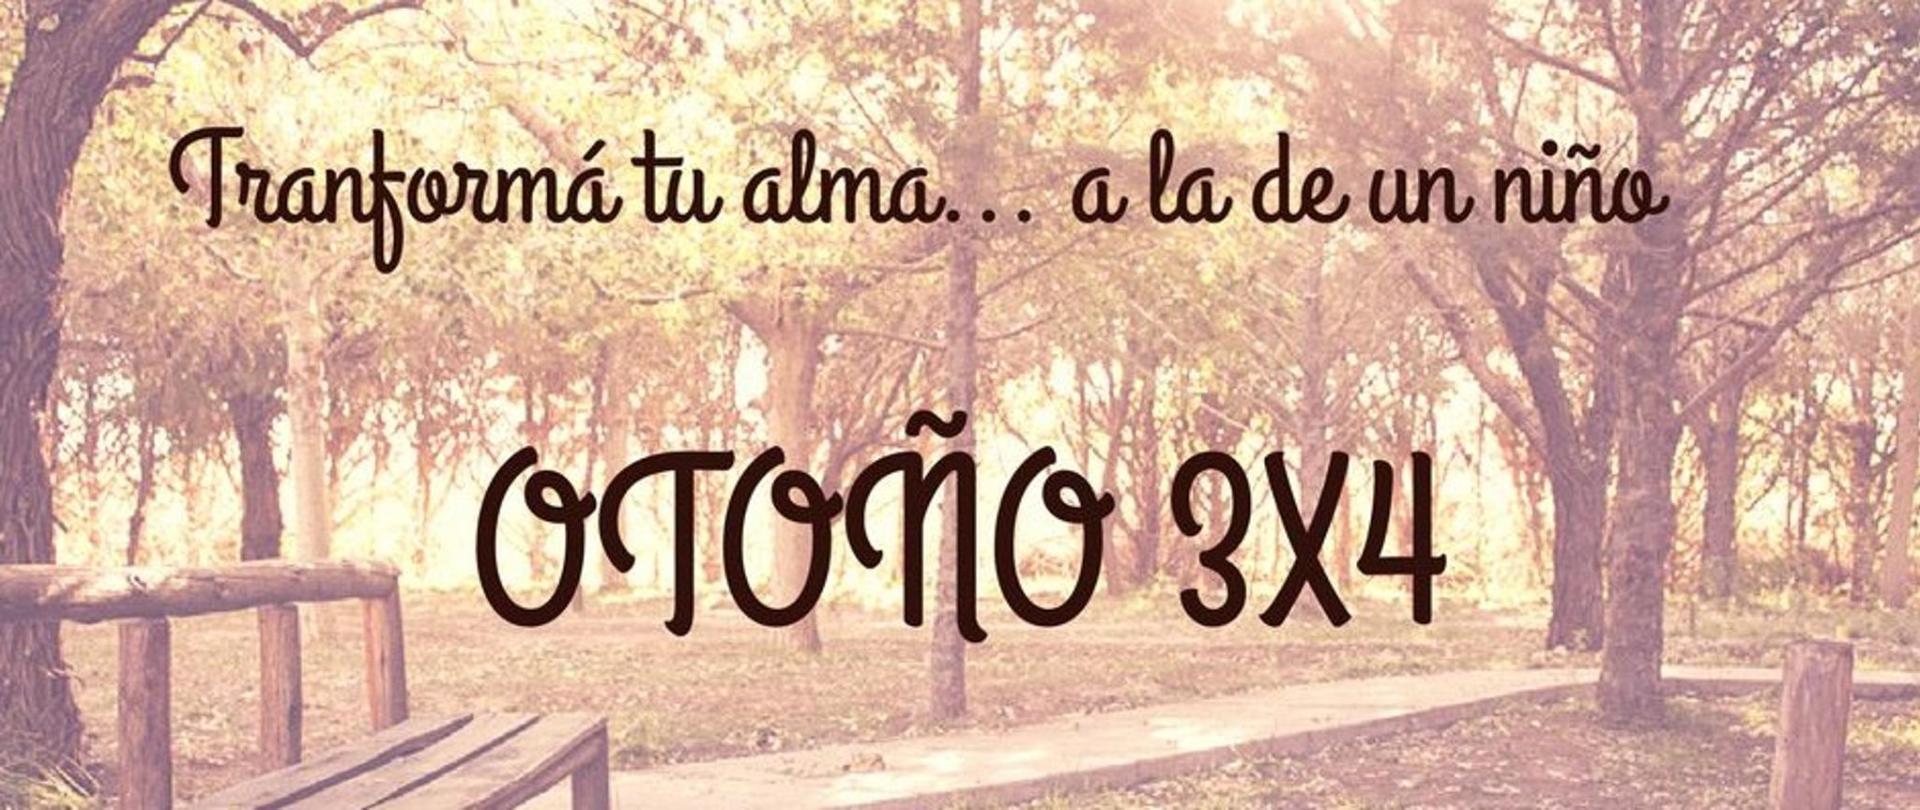 otoño 3x4.jpg